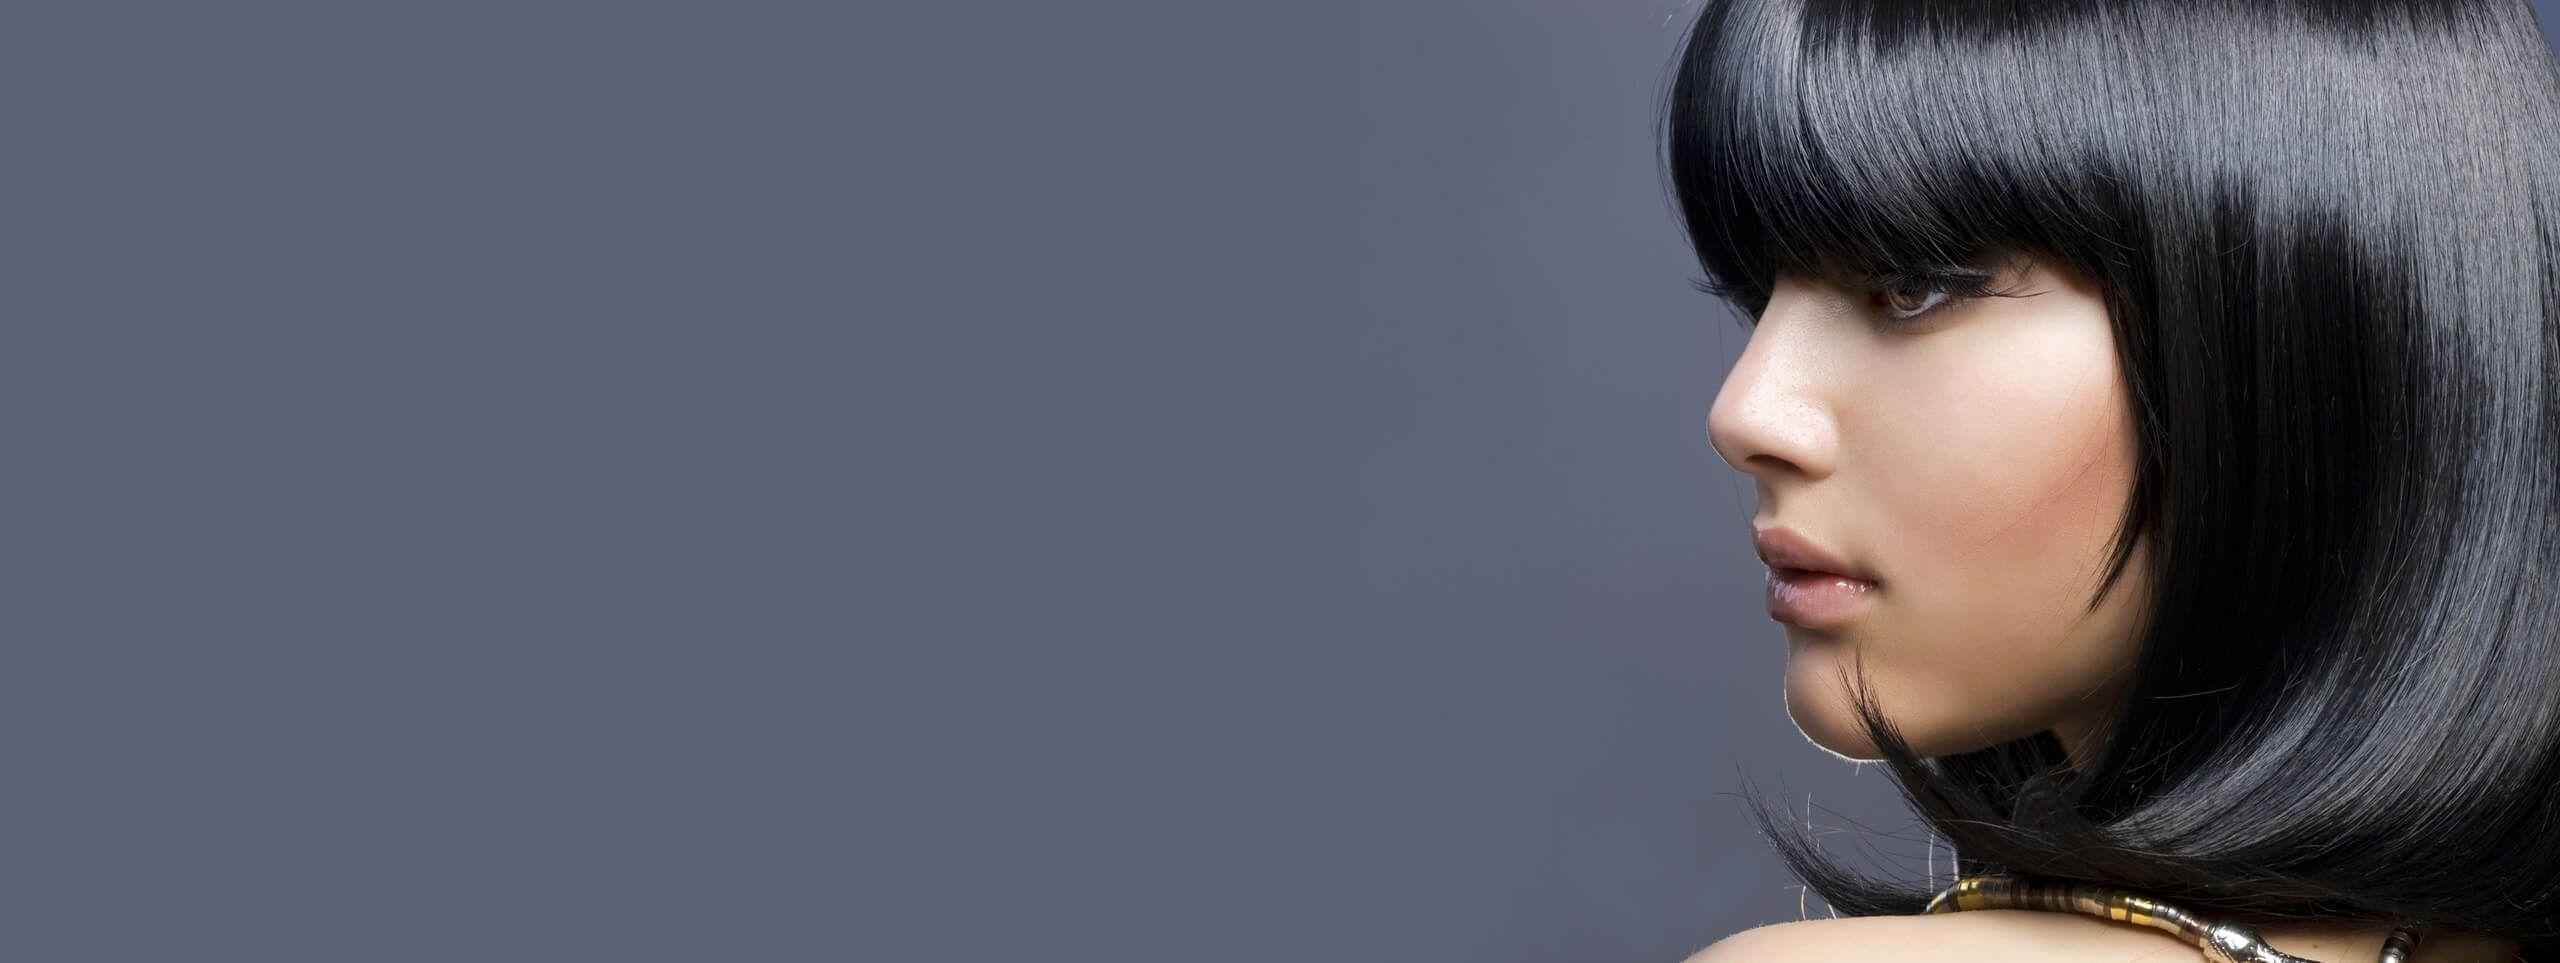 Modelka z gładkimi czarnymi włosami